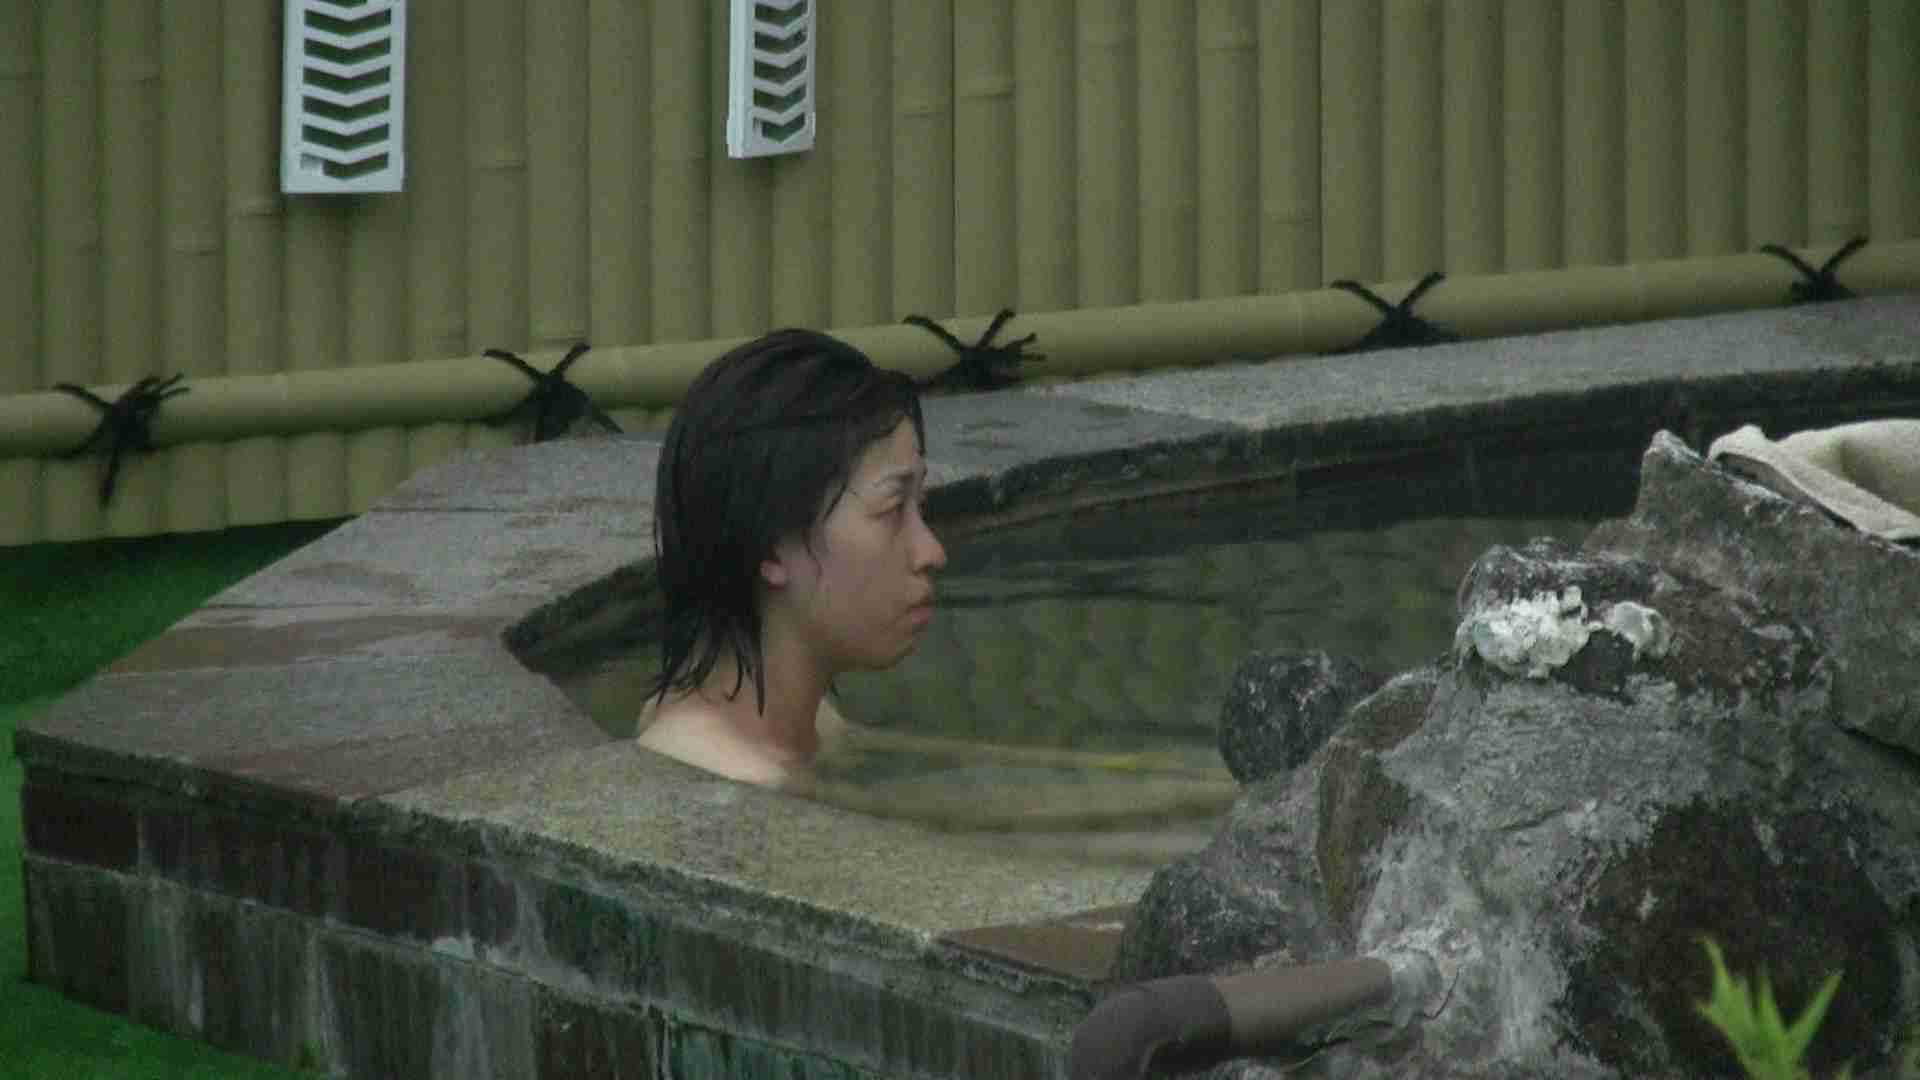 Aquaな露天風呂Vol.170 盗撮大放出 オメコ動画キャプチャ 65連発 6